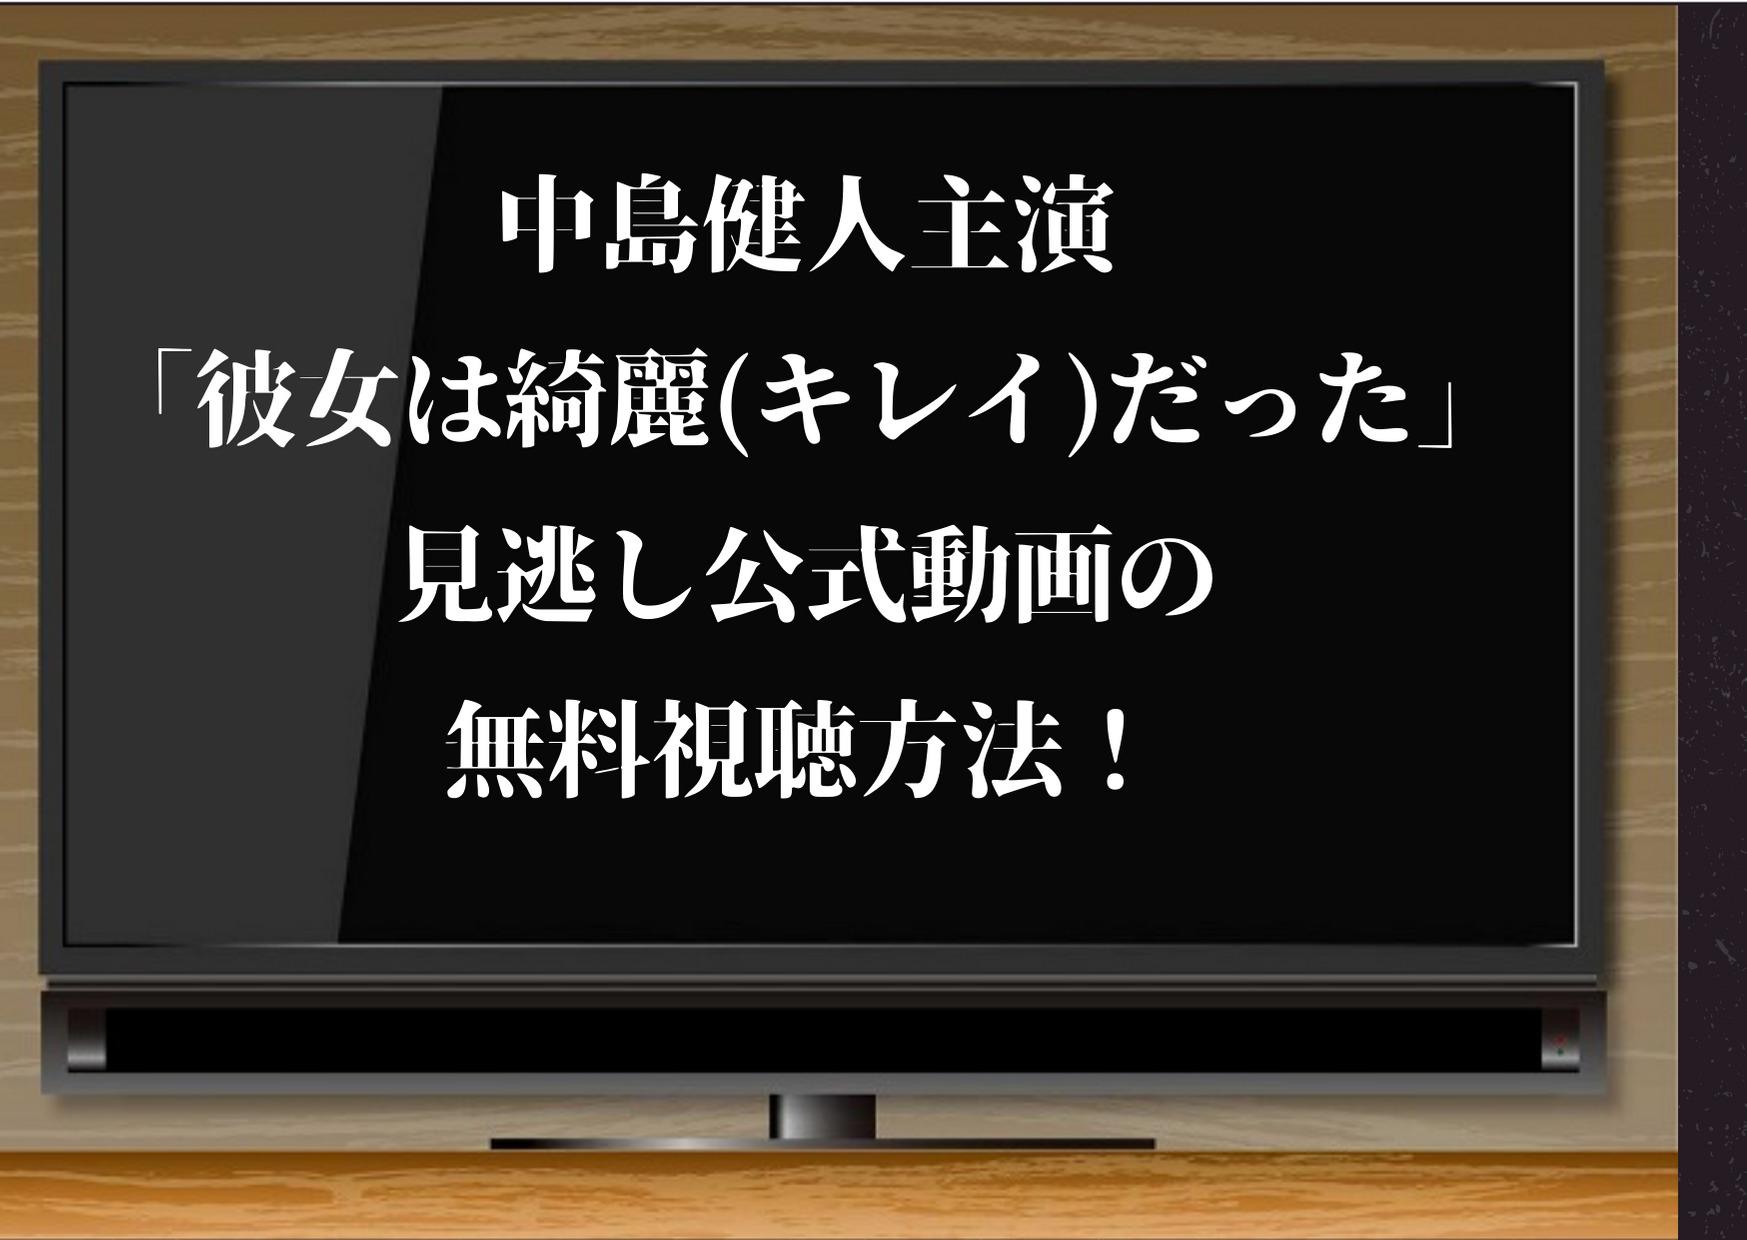 日本版「彼女はキレイだった」見逃し動画を無料視聴できる配信サイト!amazonプライム・Dailymotion・Pando...